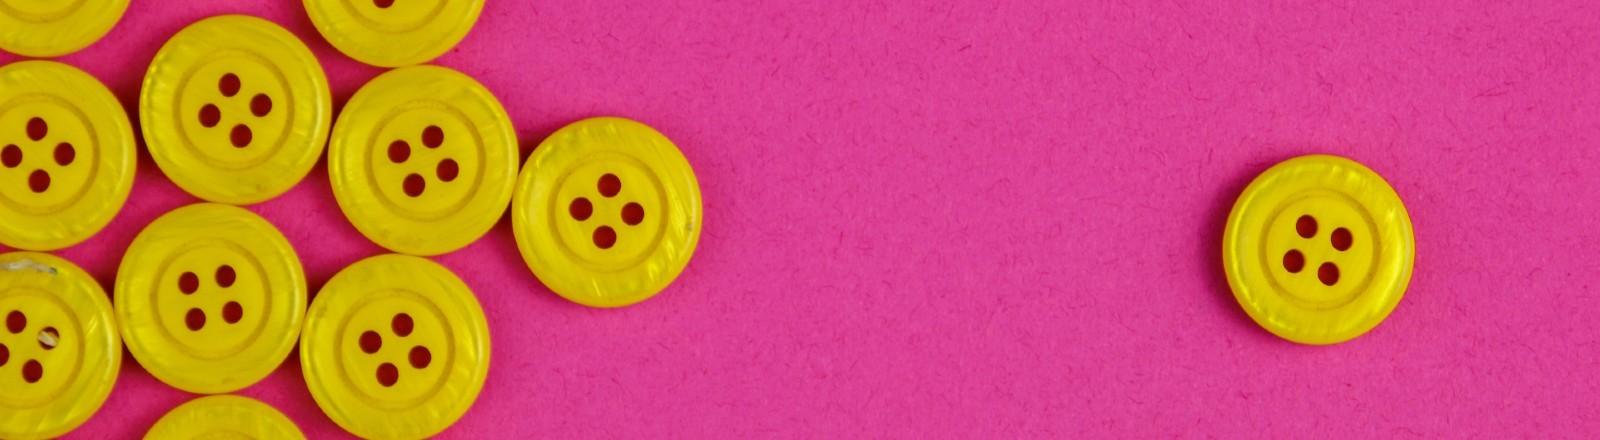 Gelbe Knöpfe auf pinkem Grund – ein Knopf liegt fernab der Gruppe abseits.